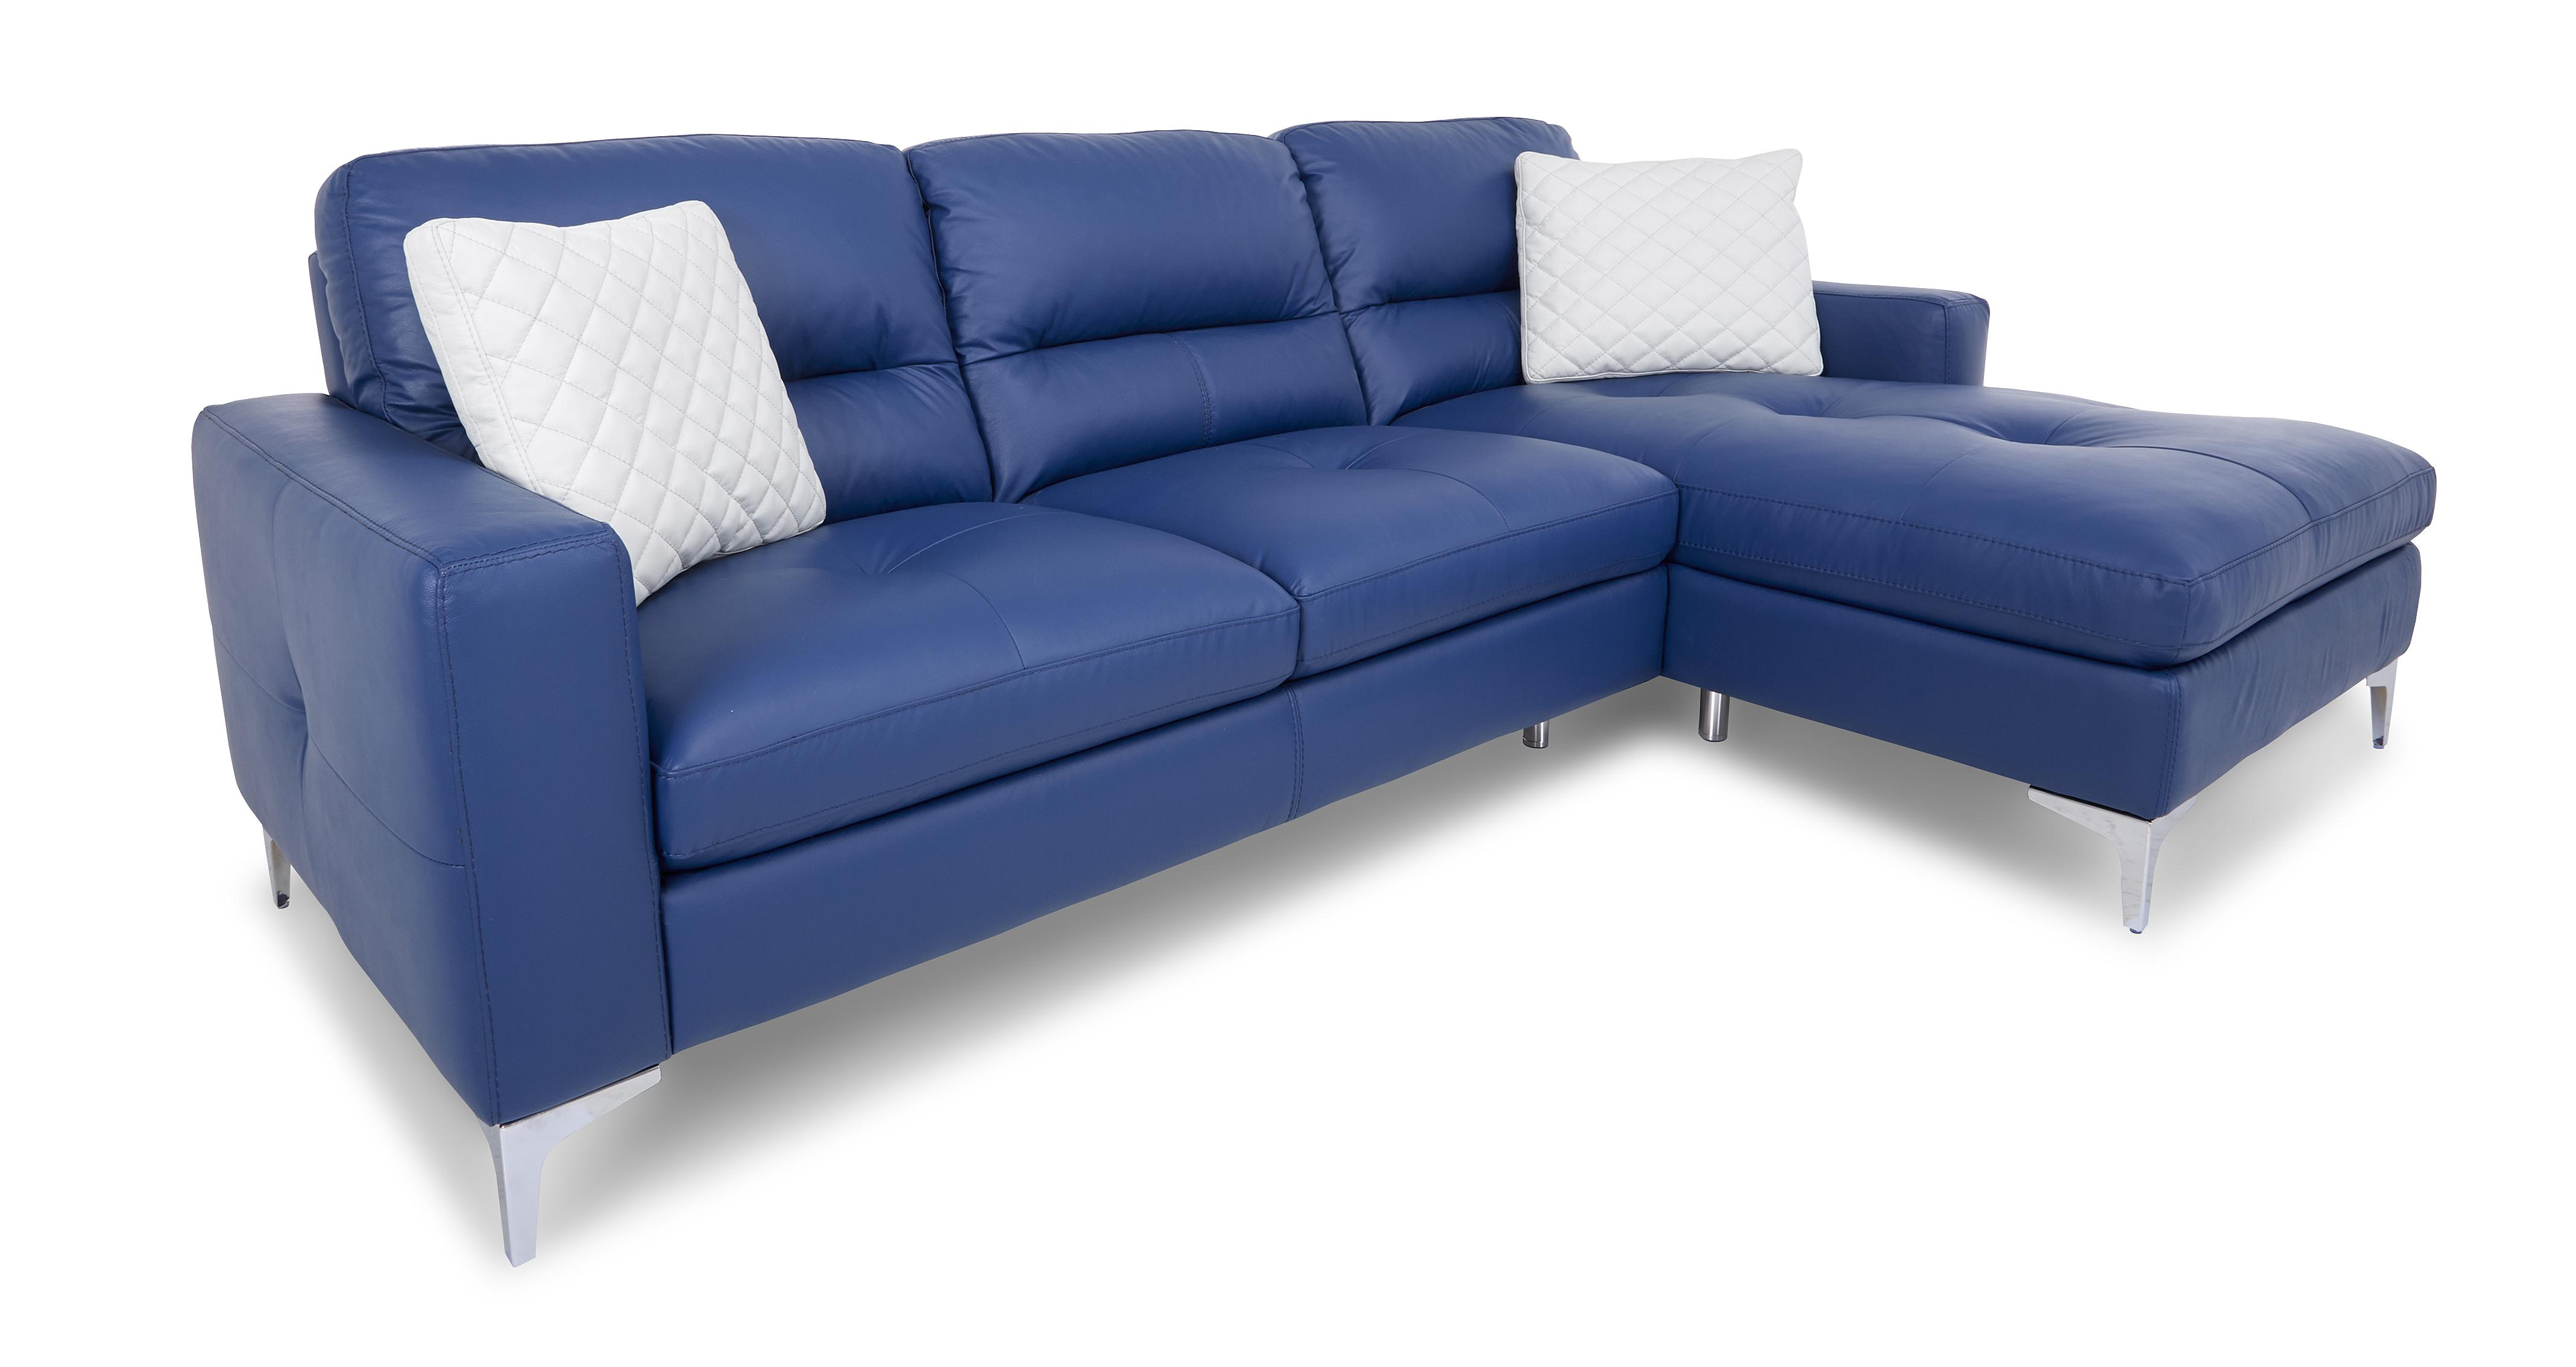 DFS Klein Blue Leather Sofa Set Inc Chaise Chair Swivel Chair